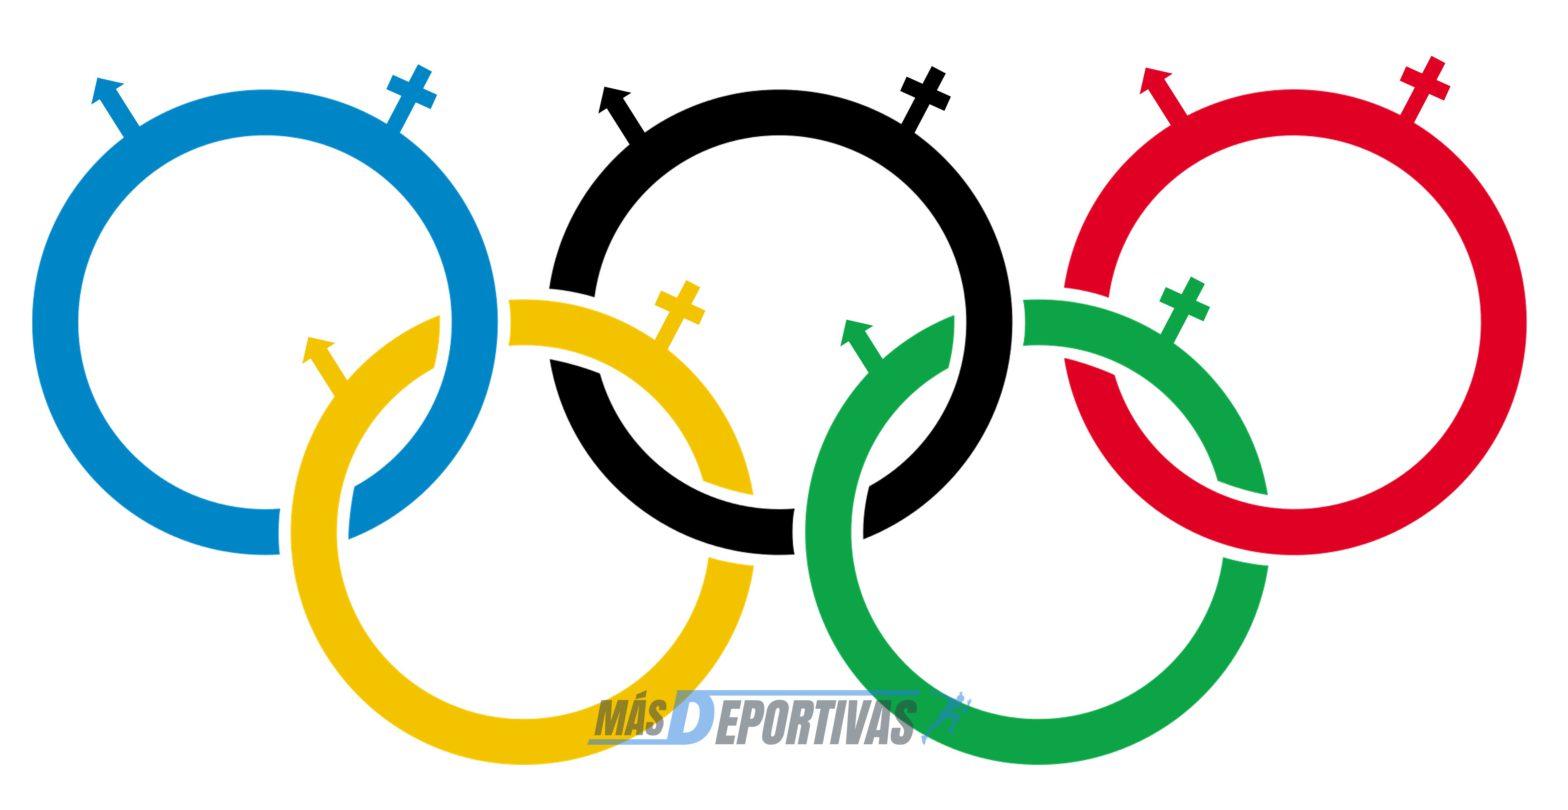 La igualdad de sexos. Anillos olímpicos con simbología de género